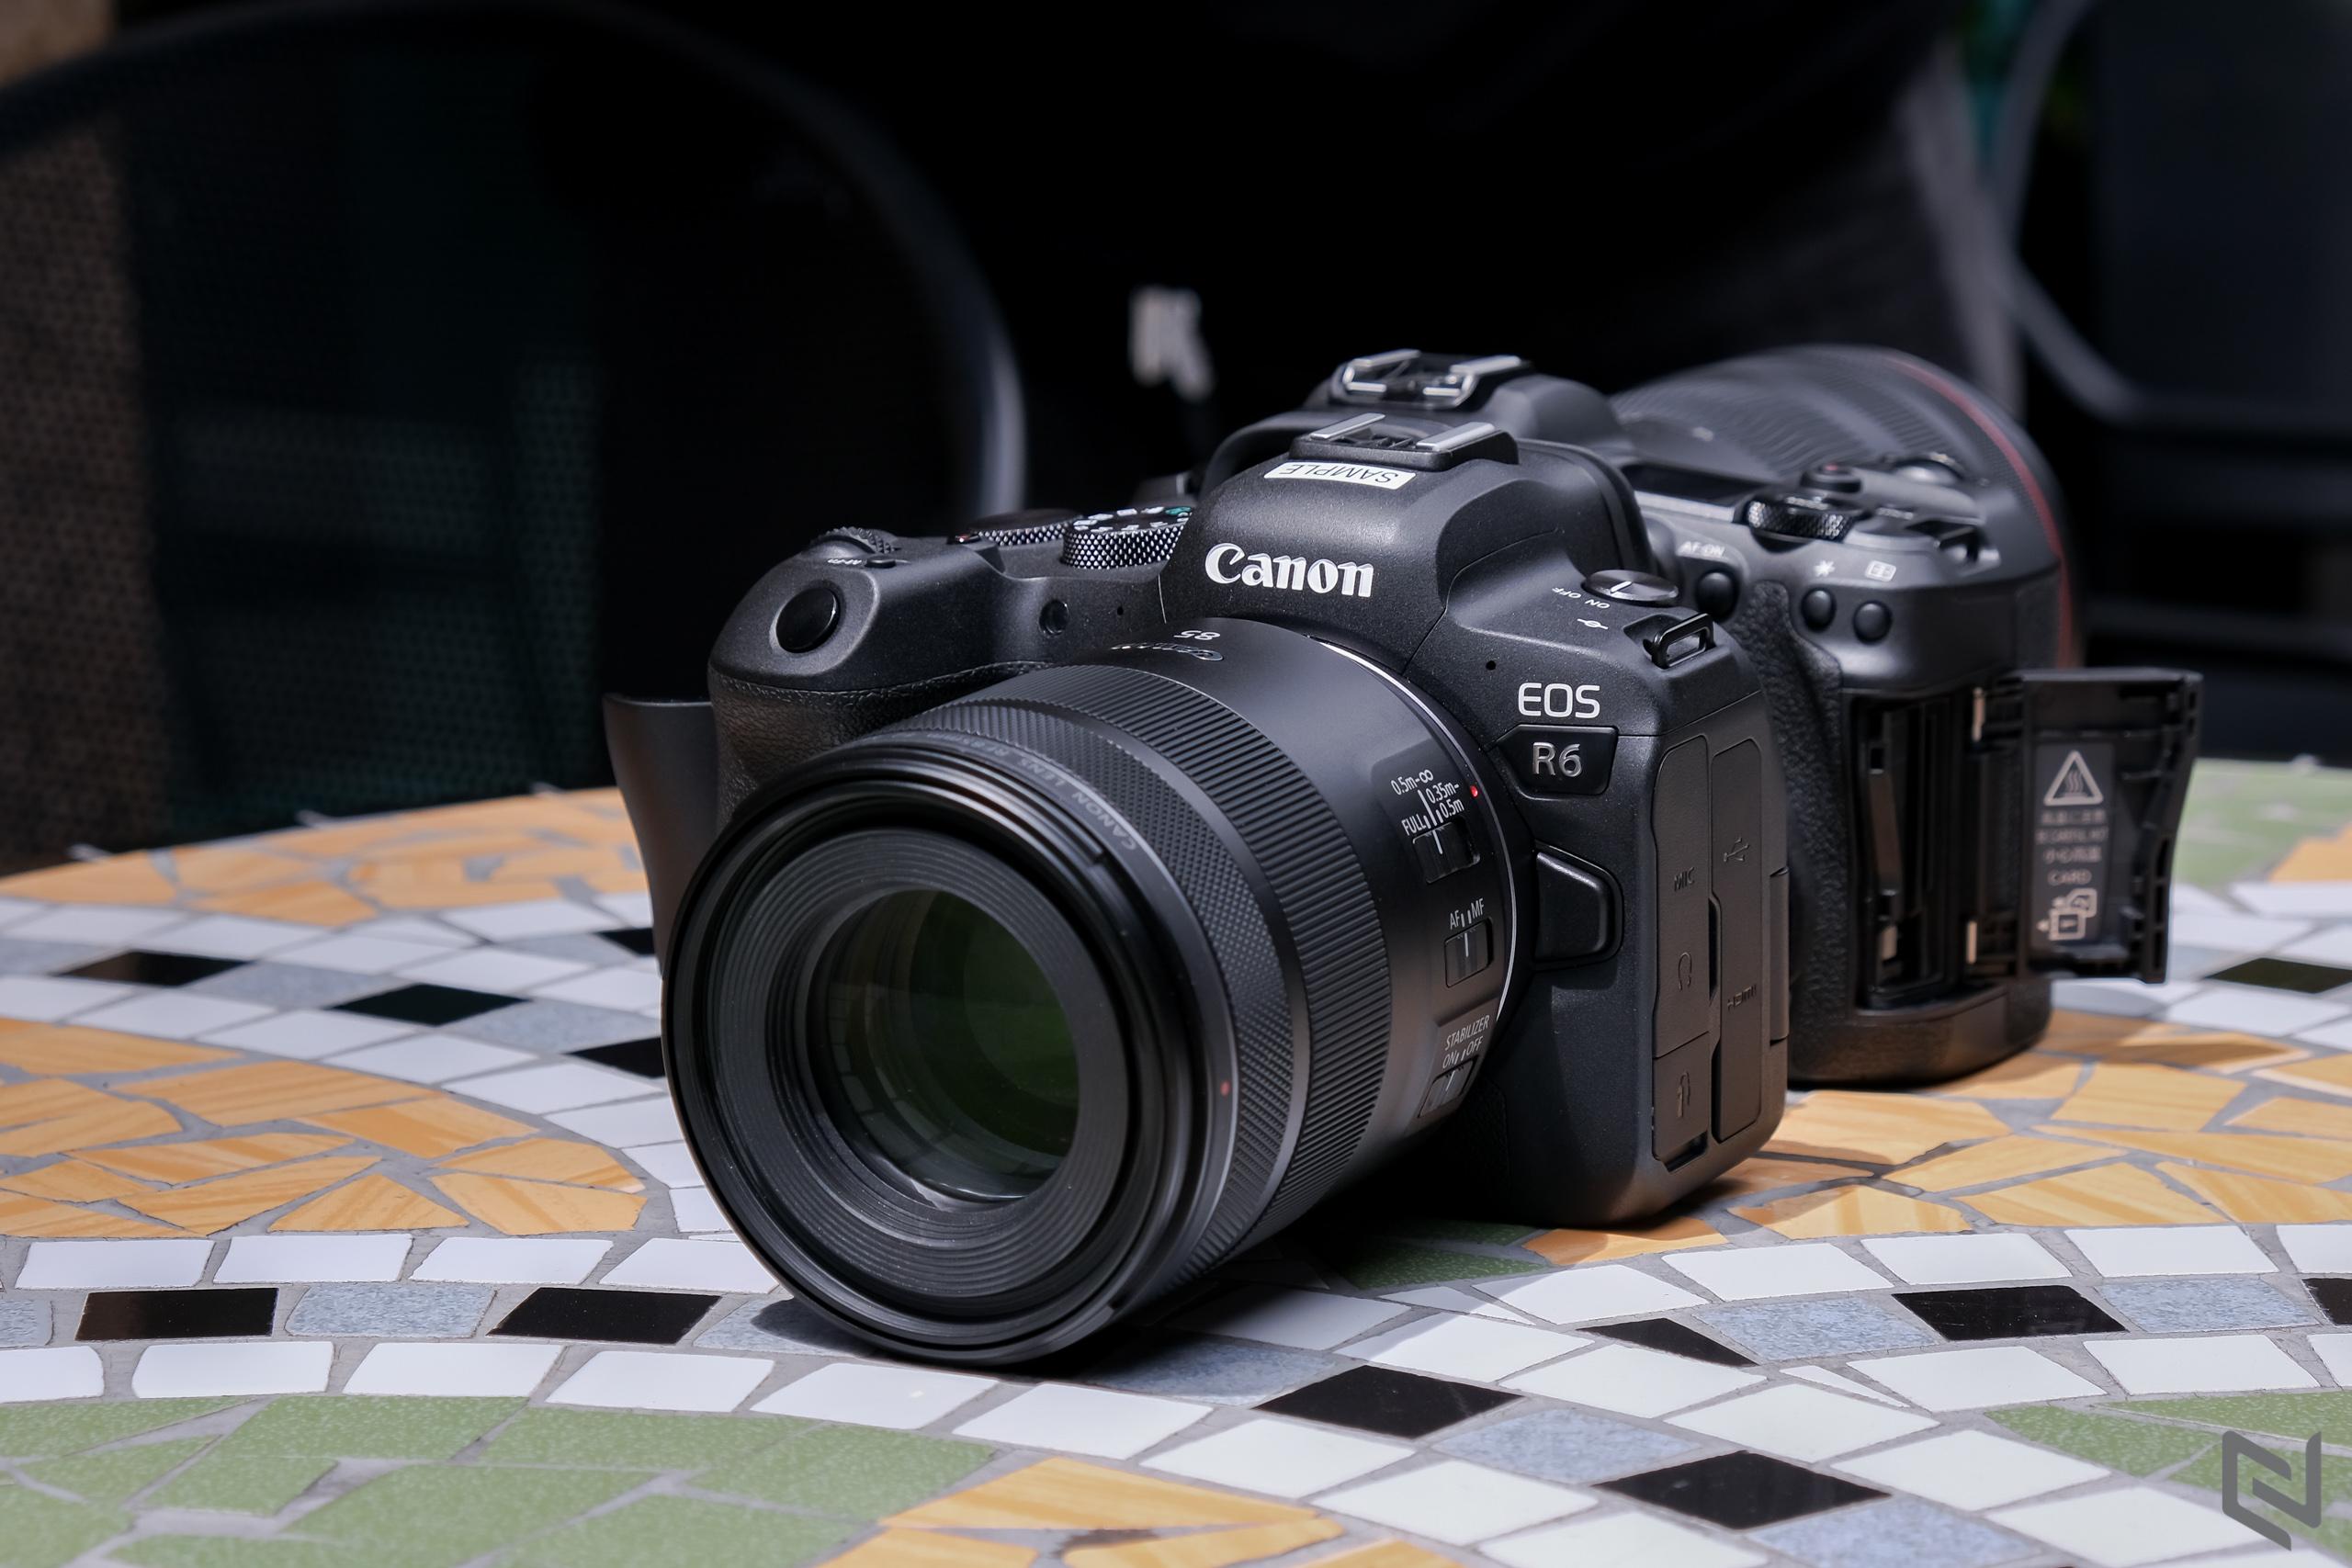 Trên tay bộ đôi Canon EOS R5 và EOS R6: giá bán từ 77-119 triệu đồng